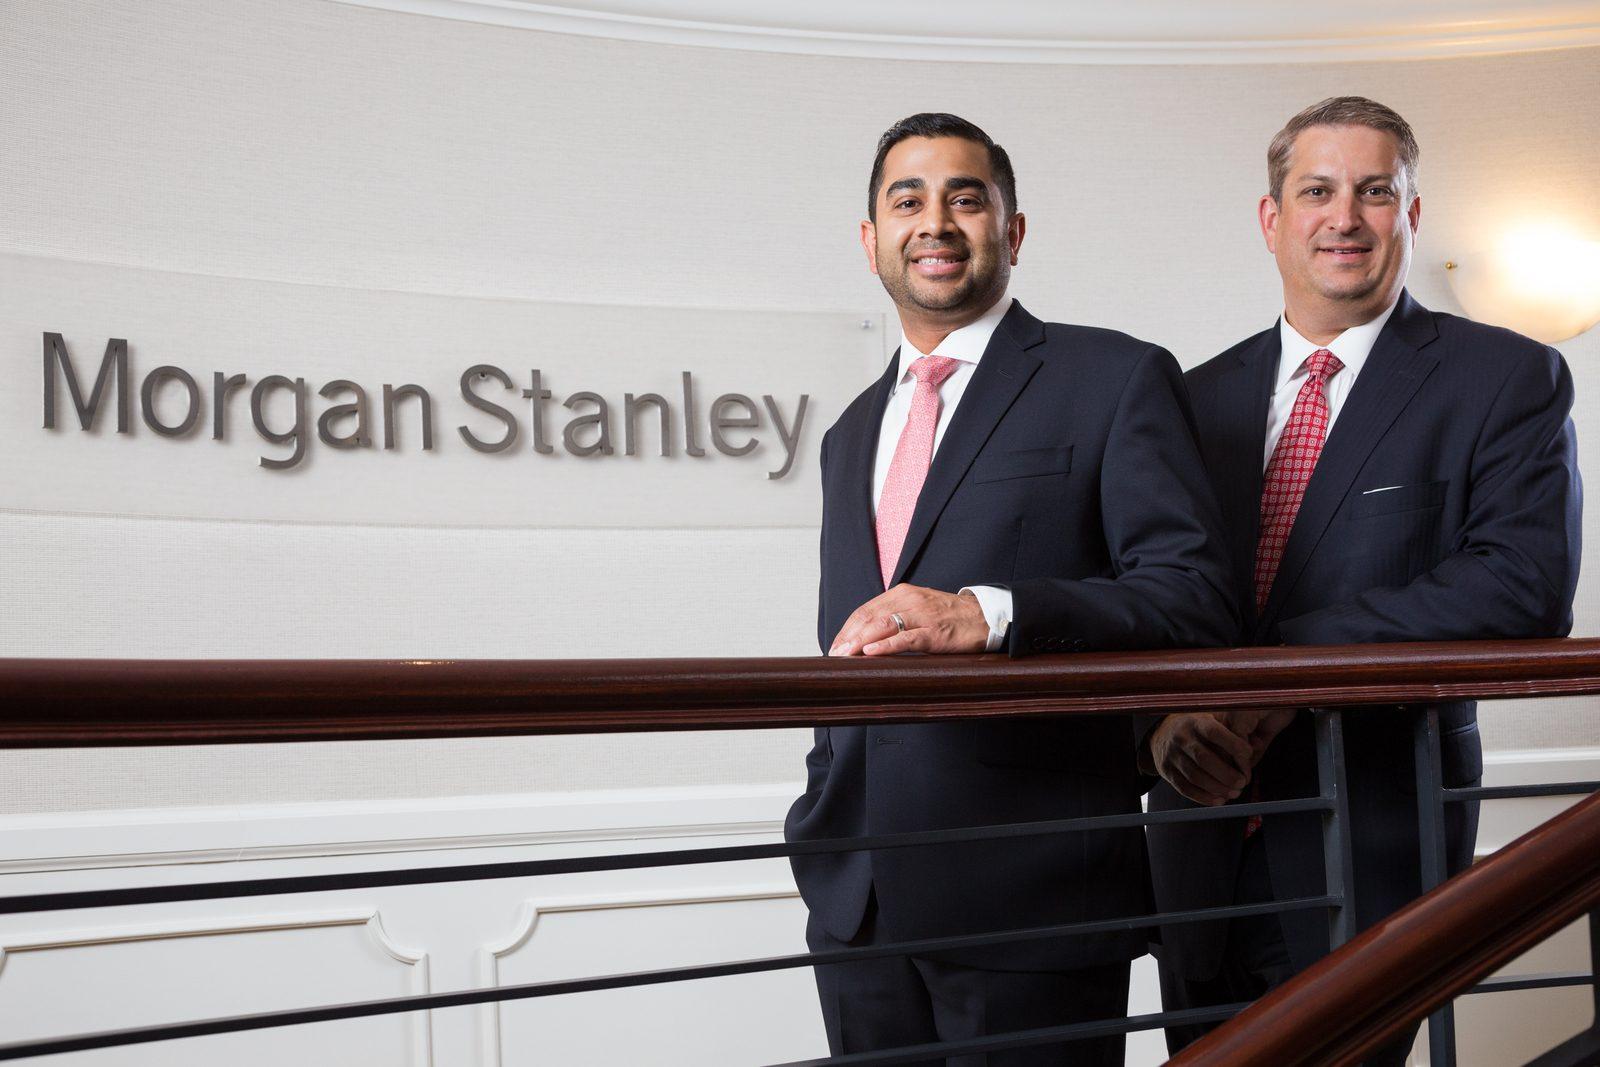 The Baker-Parekh Group | McLean, VA | Morgan Stanley Wealth